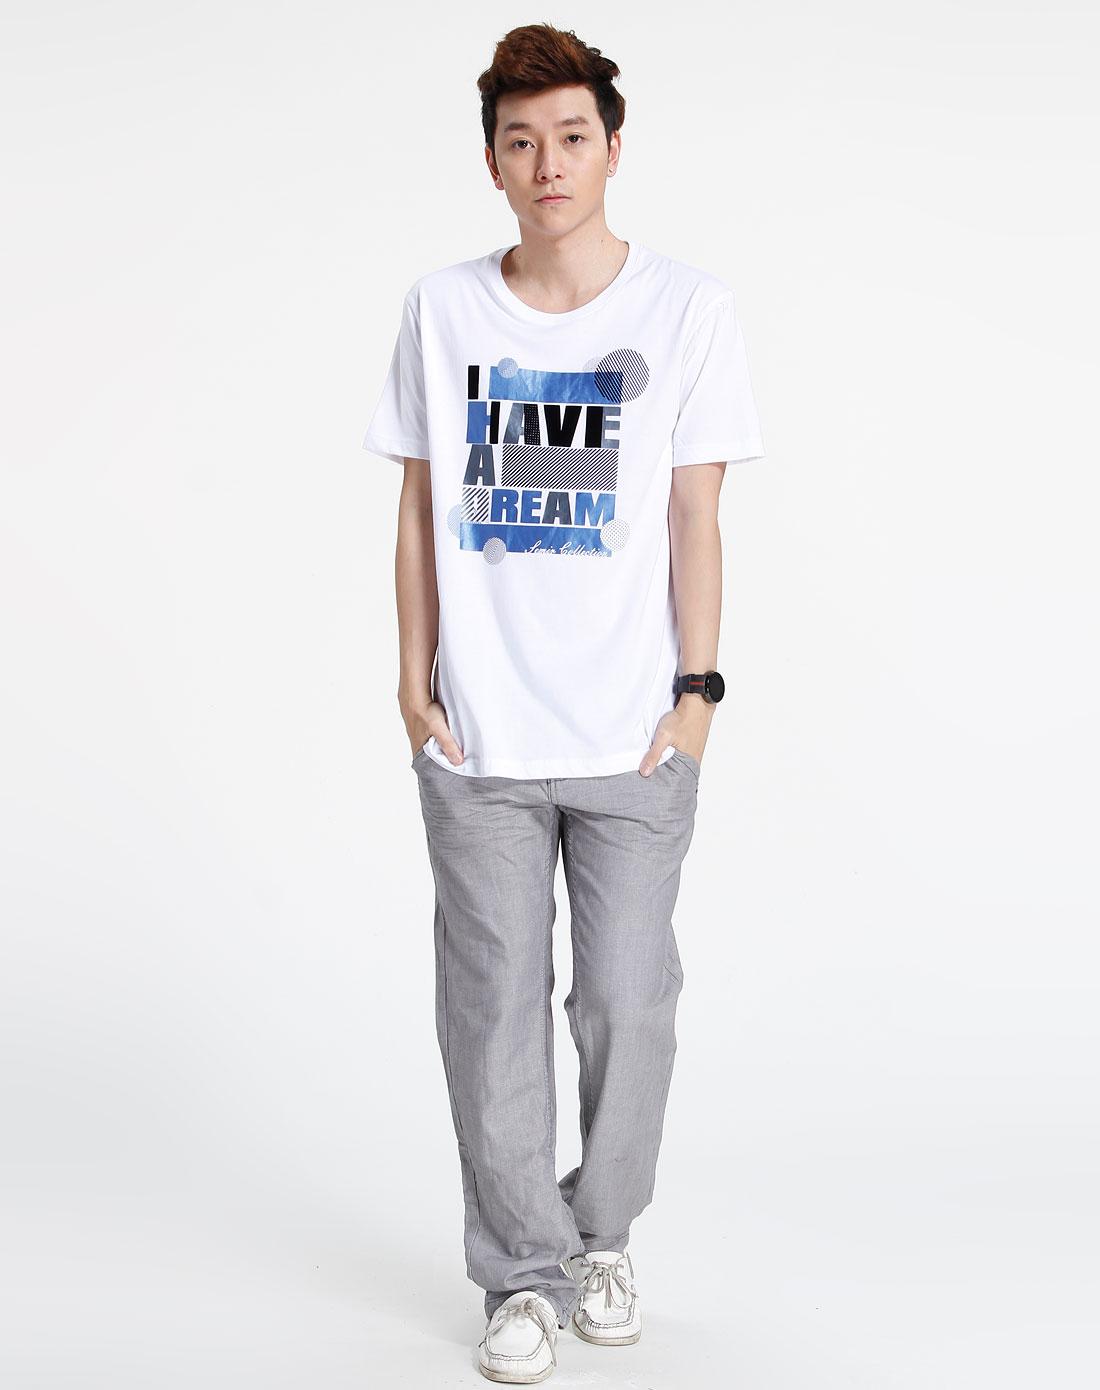 森马-男装-白色简约印字短袖t恤图片